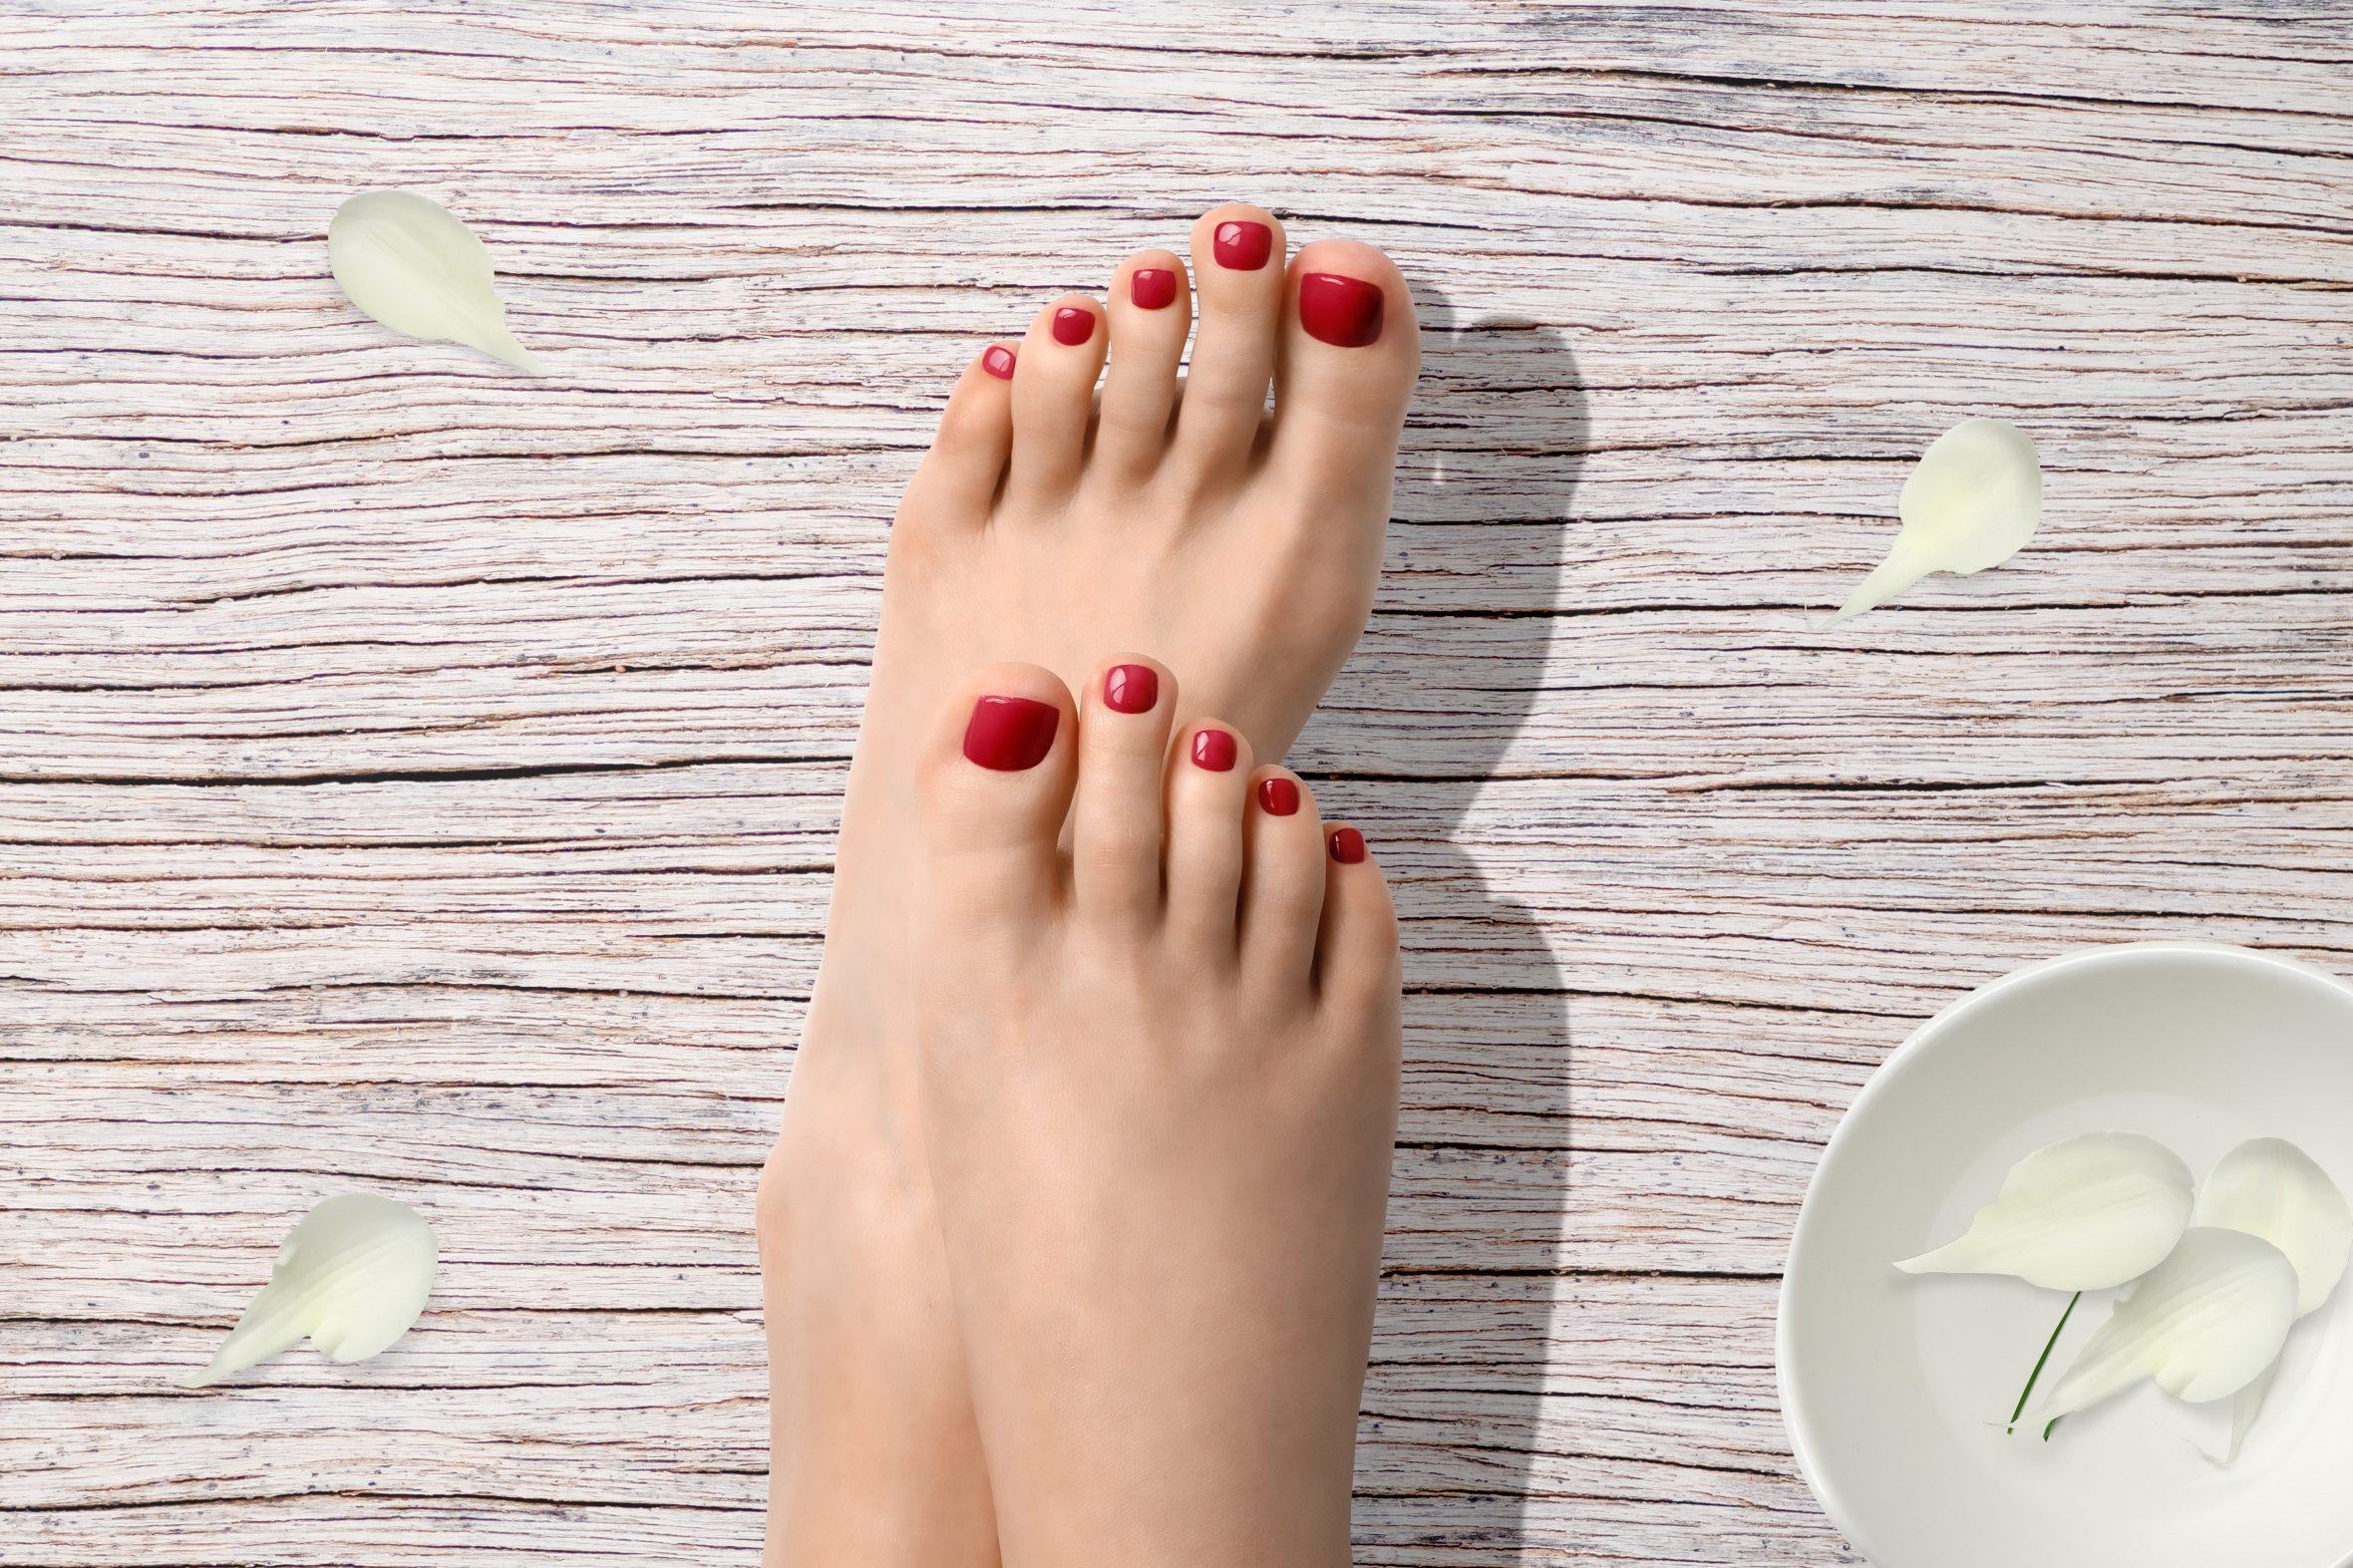 Roze nagellak kleur op de teennagels voor mooie pedicure